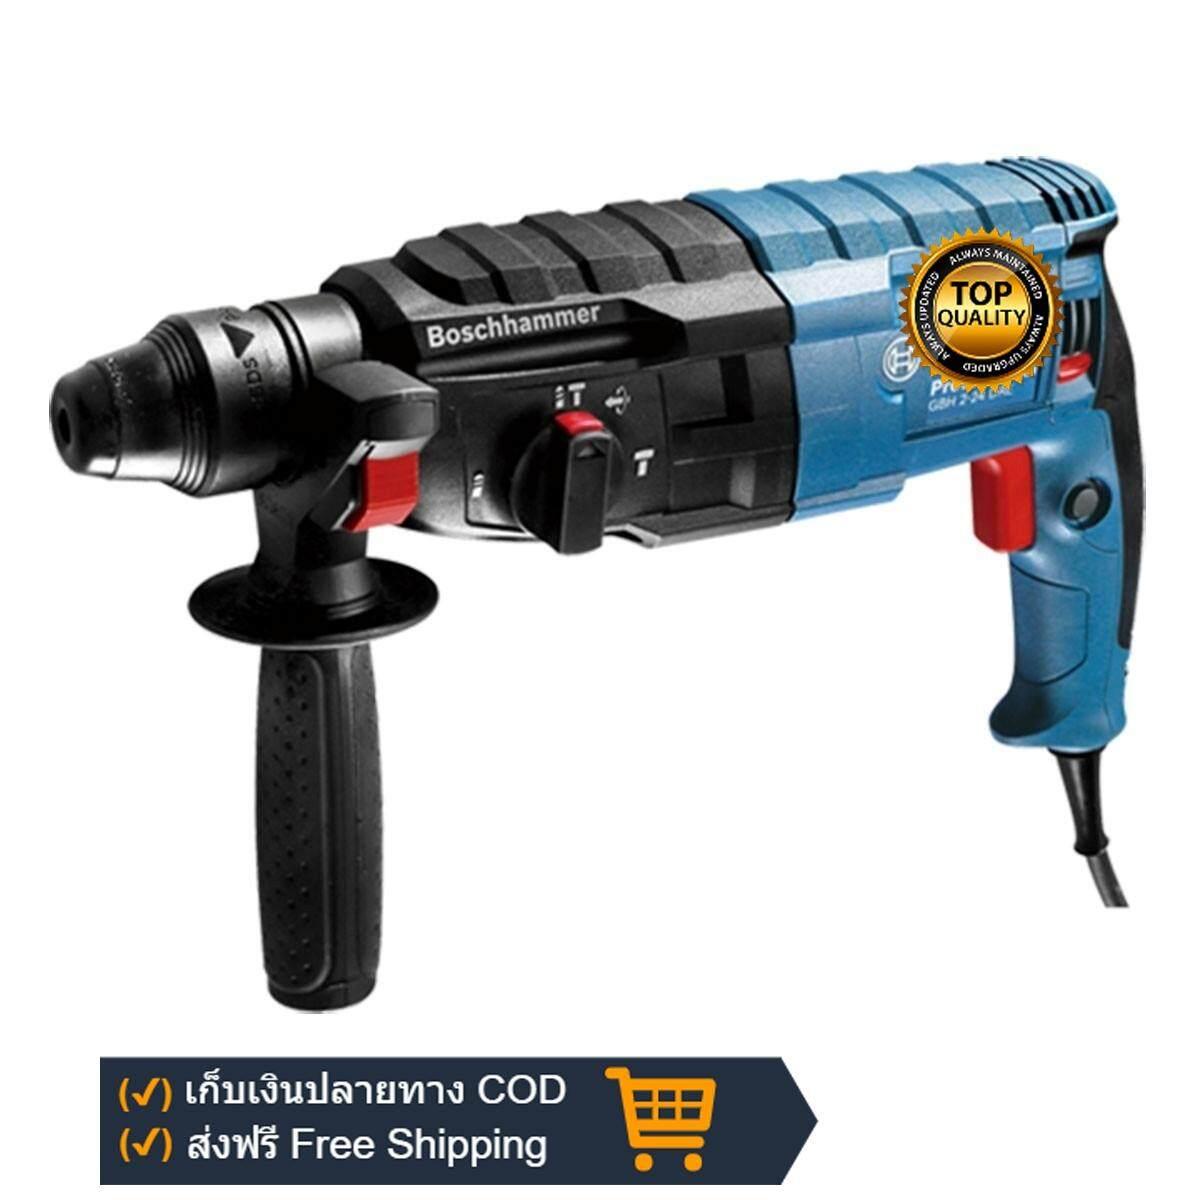 ** สินค้าลดราคา ** Bosch สว่านโรตารี่ รุ่น Gbh 2-24 Dre  เครื่องมือช่างไฟฟ้า อุปกรณ์เครื่องมือช่าง Power Tools ราคาถูก.